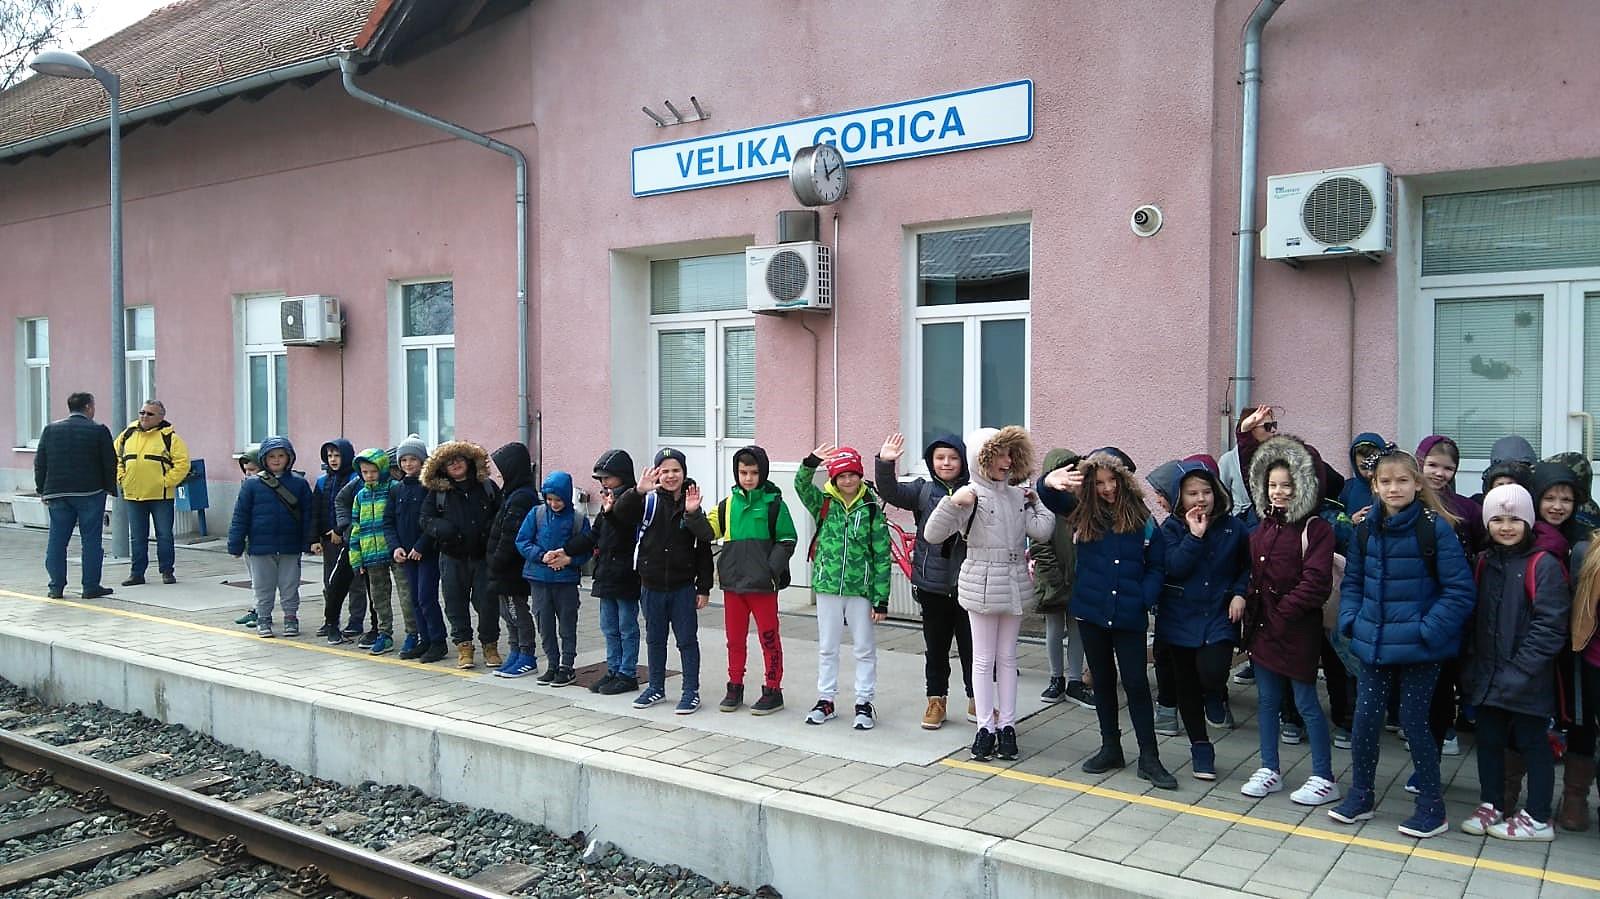 Osnovna Skola Josipa Zorica Dugo Selo Print